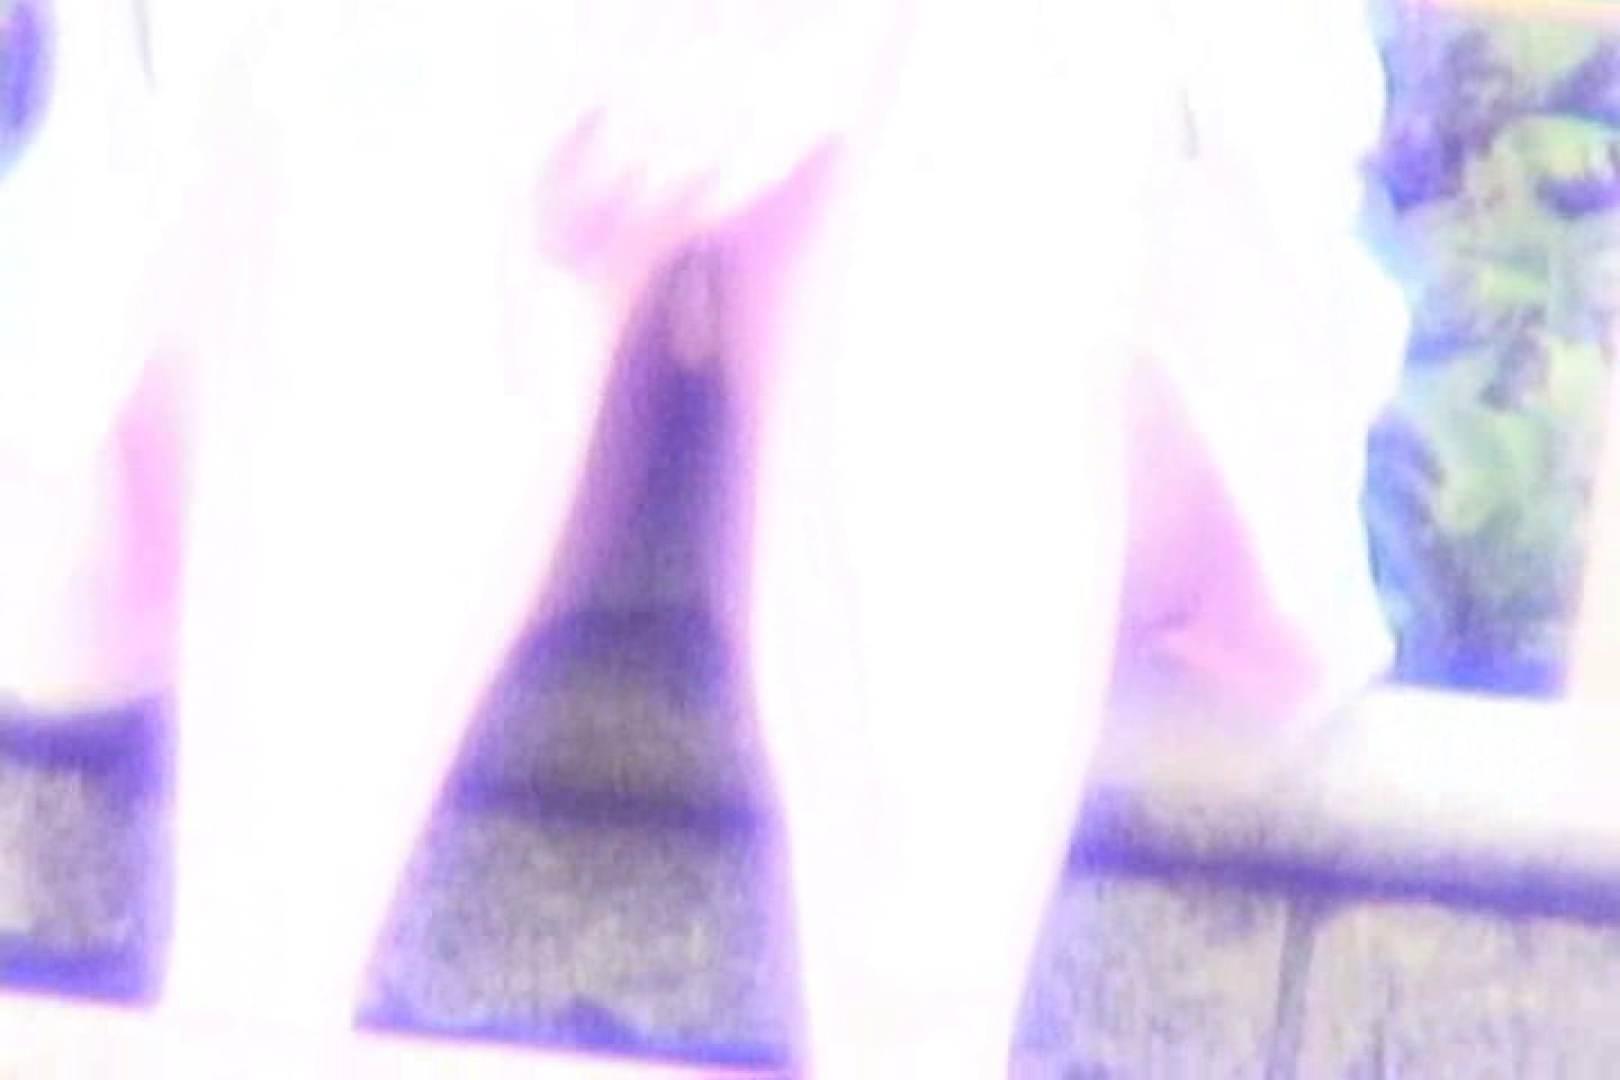 超最新版!春夏秋冬 vol.04 美しいOLの裸体 AV無料動画キャプチャ 97pic 68